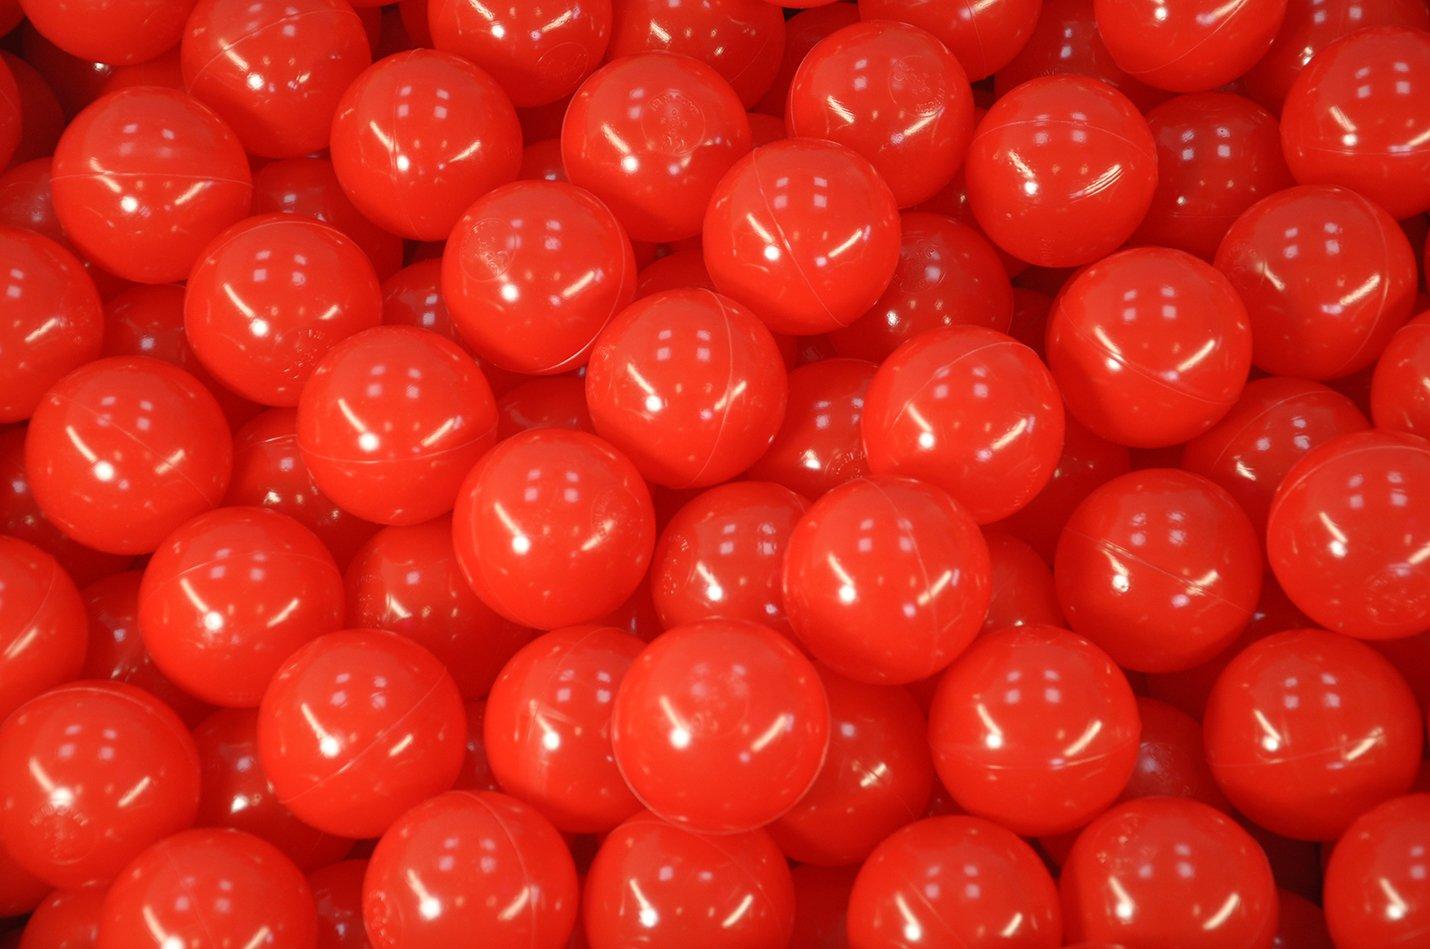 BälleBad Bälle - Rot - 500 Stück - CE-Kennzeichnung - 75mm